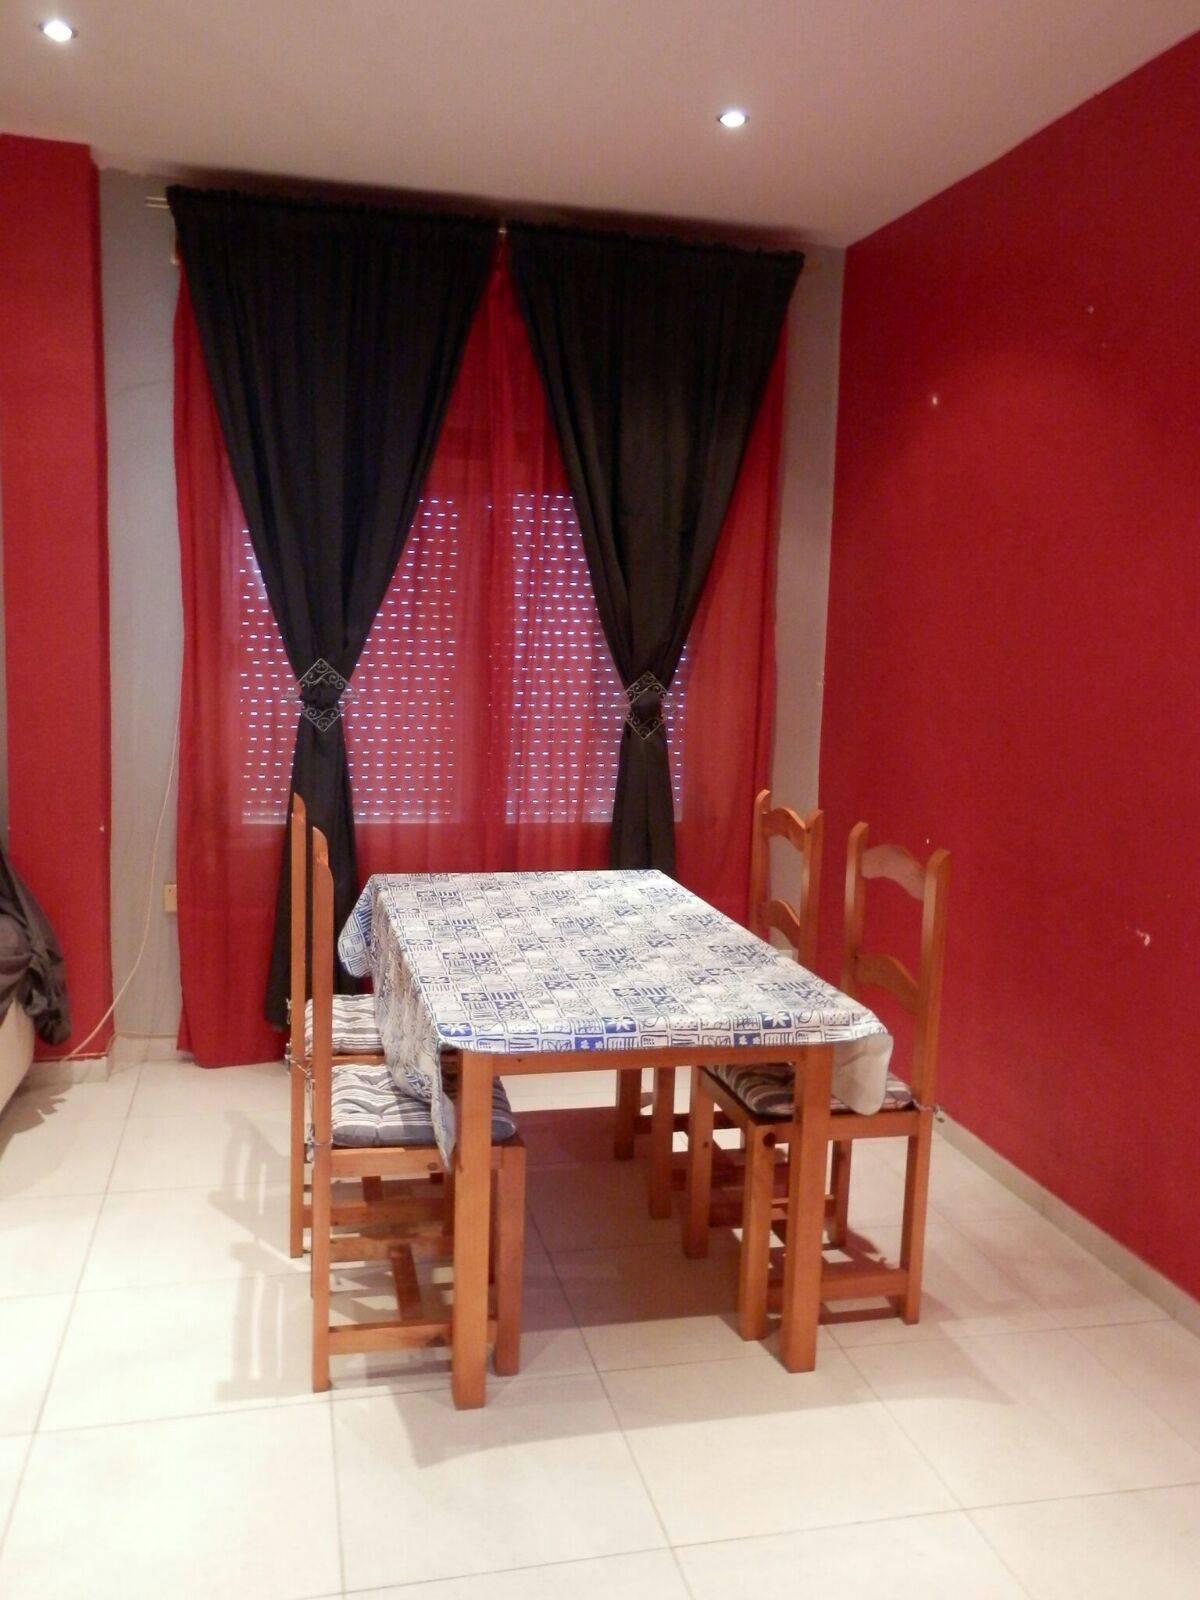 Alquiler piso Zona Reina Mercedes  - Foto 2